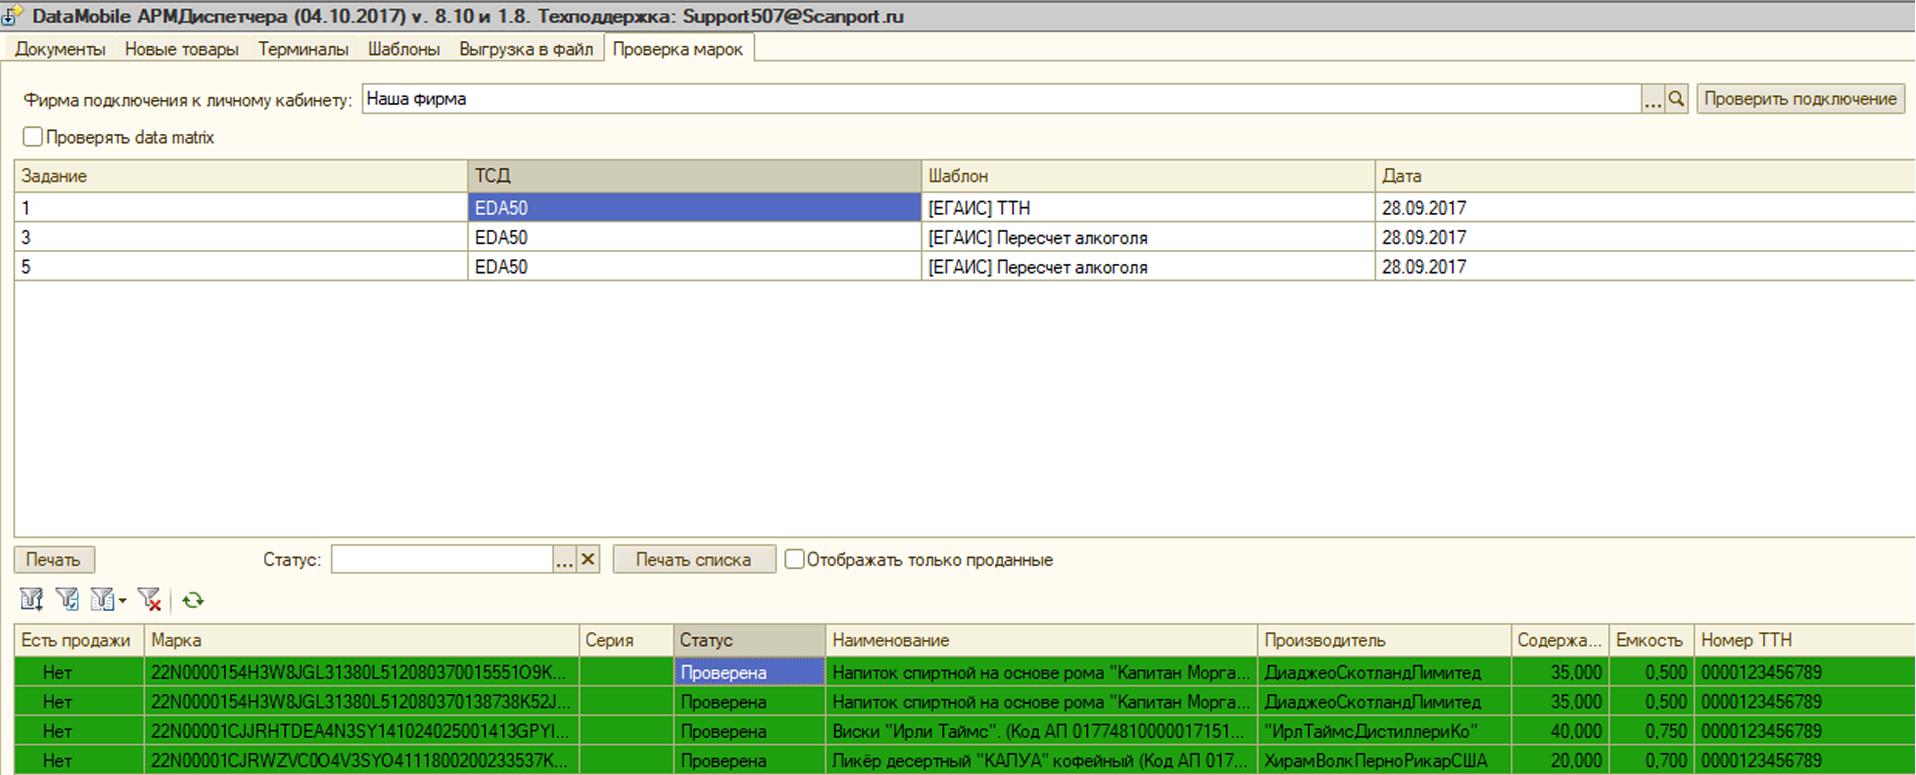 В ПО DataMobile ЕГАИС фоновый режим проверки акцизных марок четко визуализирован по статусам проверки